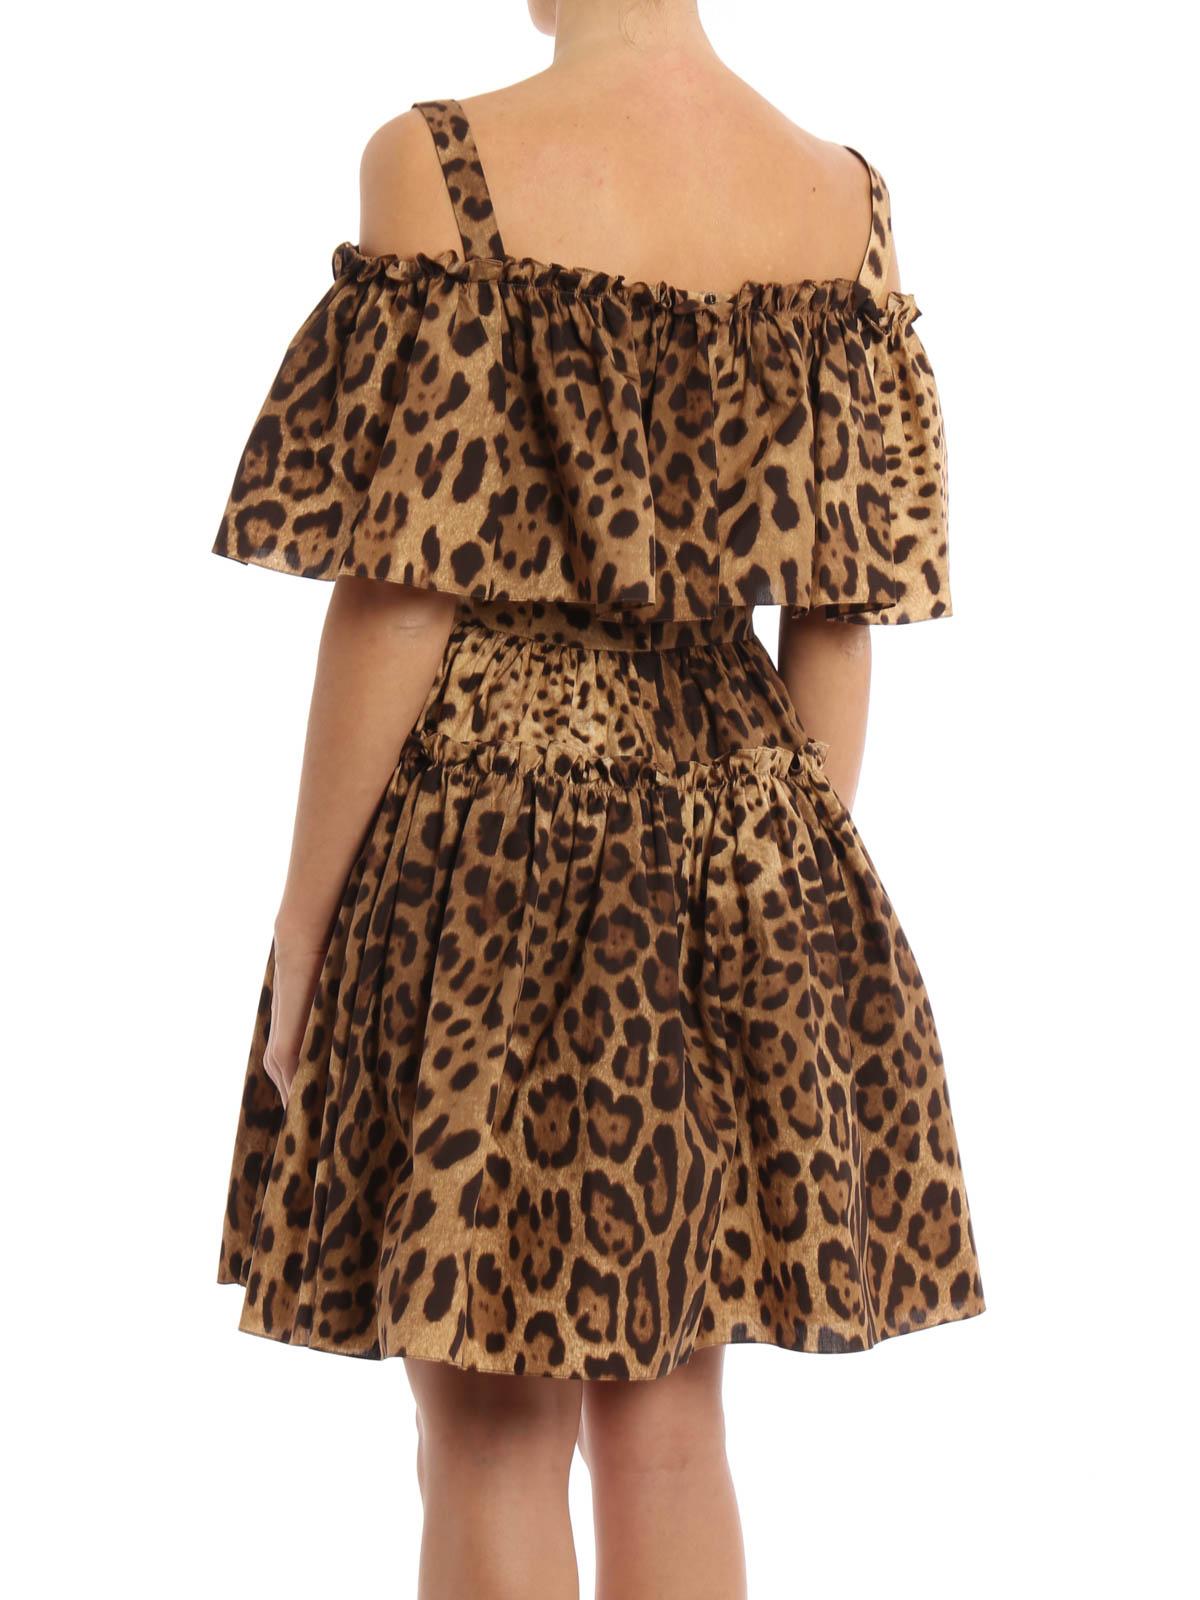 DRESSES - Short dresses LEO 90uJeHMdr